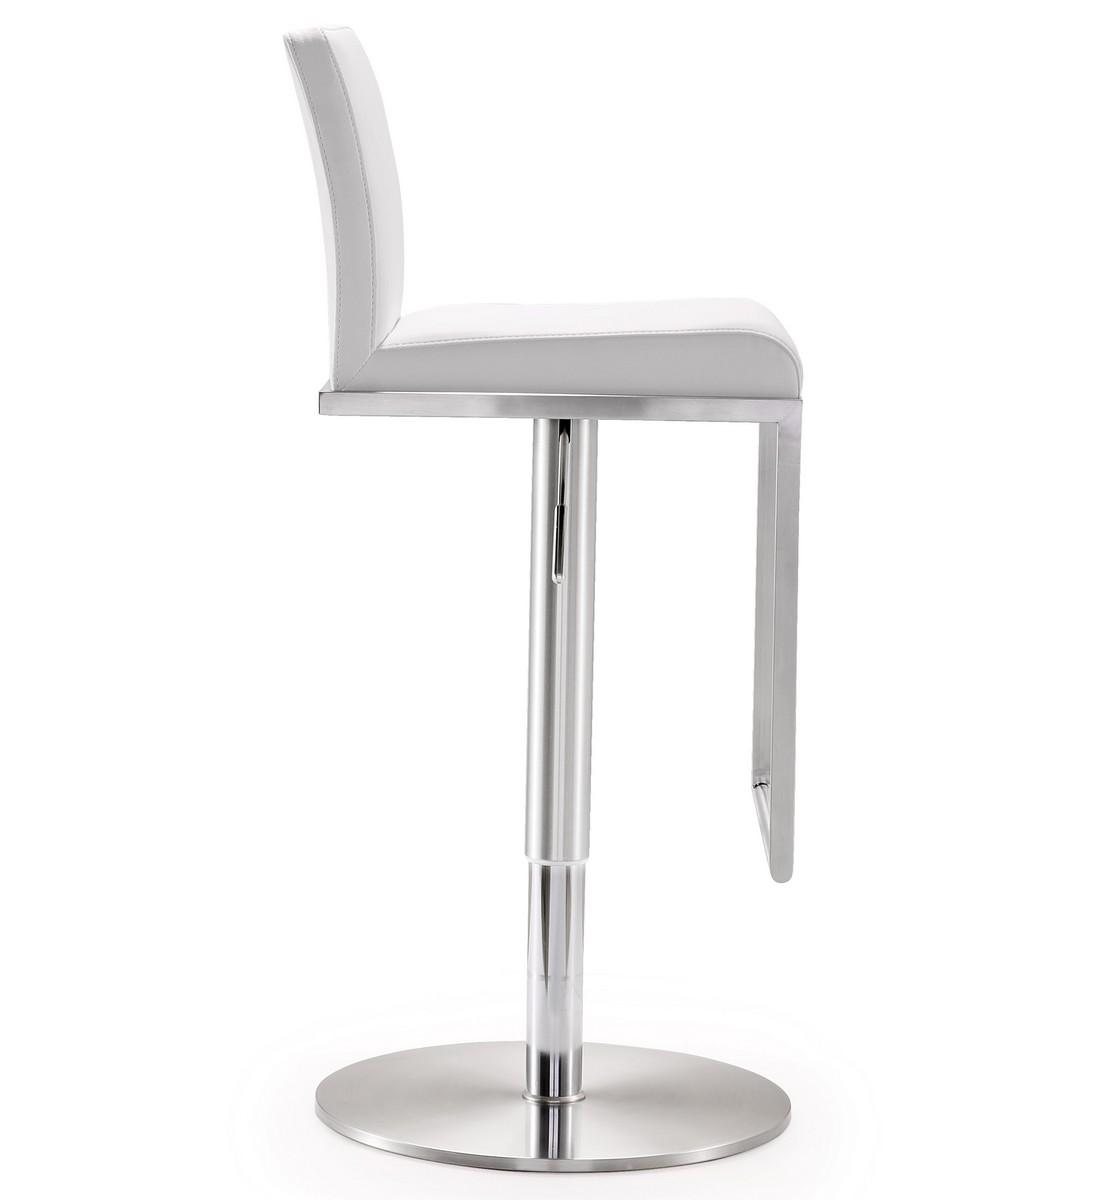 TOV Furniture Amalfi White Stainless Steel Adjustable Barstool